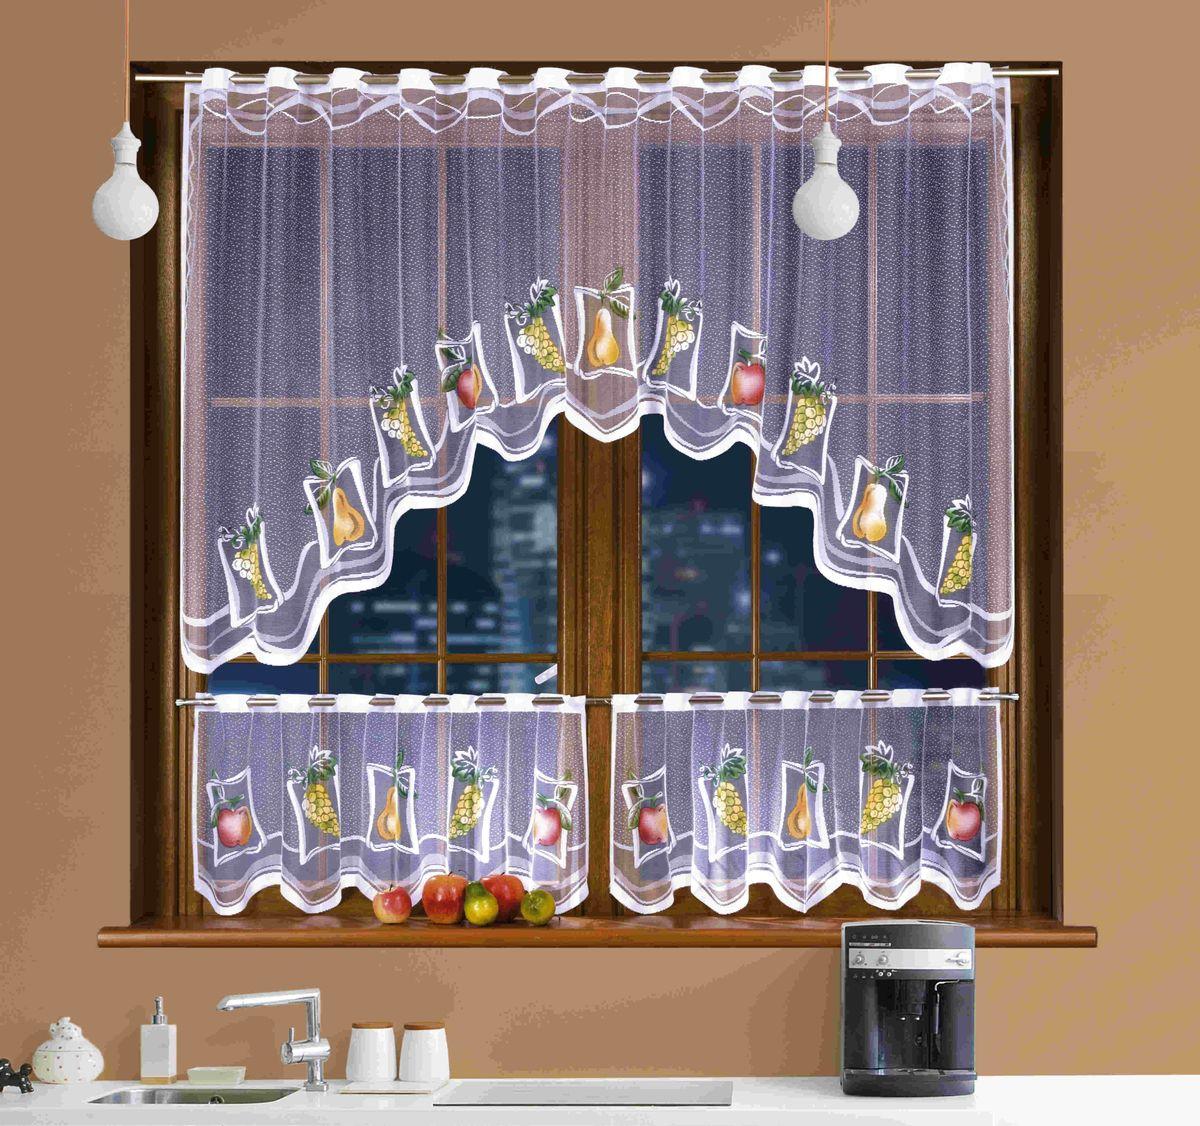 Комплект штор для кухни Wisan Martynika, на кулиске, цвет: белый, высота 250 см штора bartica quelle quelle 770777 2 в ш 175x140 см